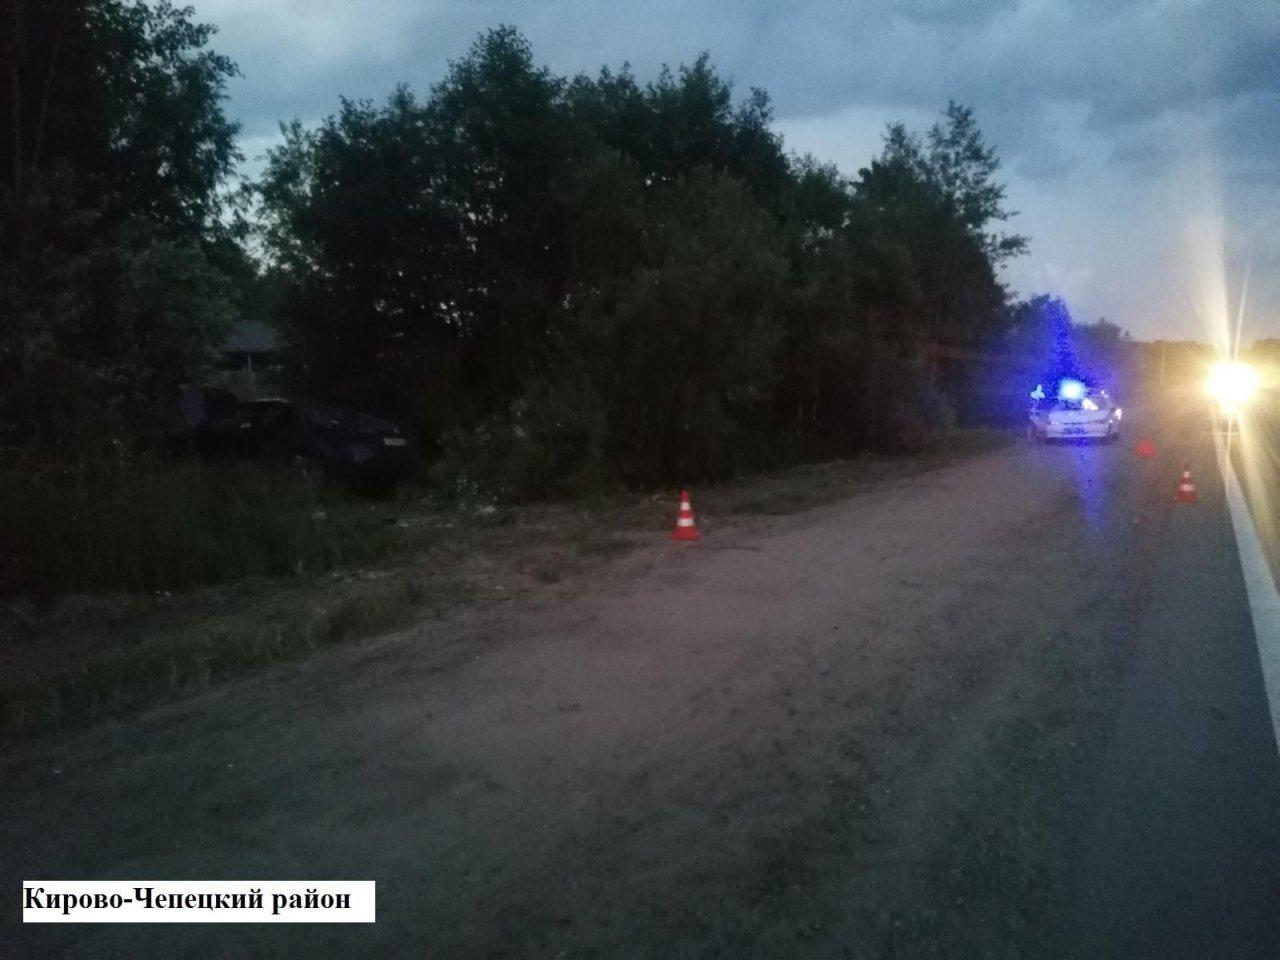 В Кирово-Чепецком районе на трассе перевернулась иномарка: есть пострадавшие